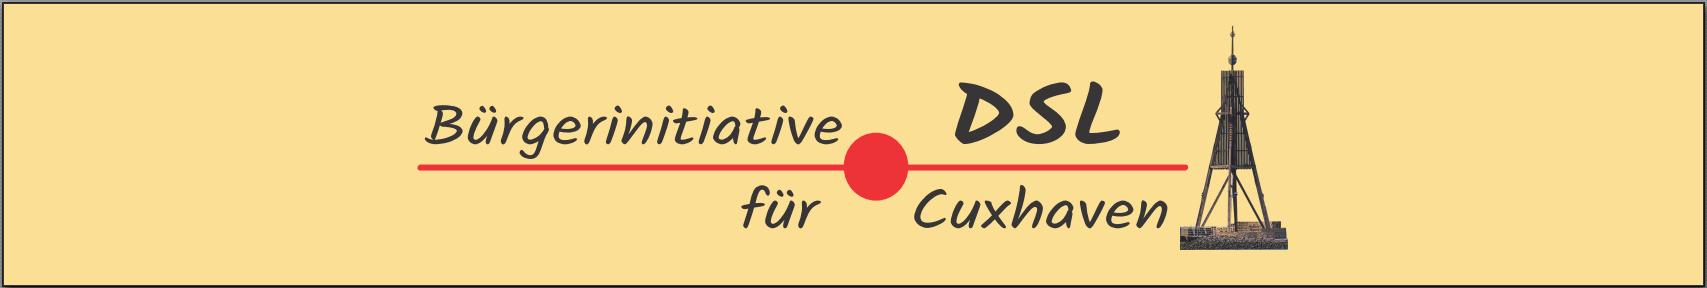 DSL für Cuxhaven